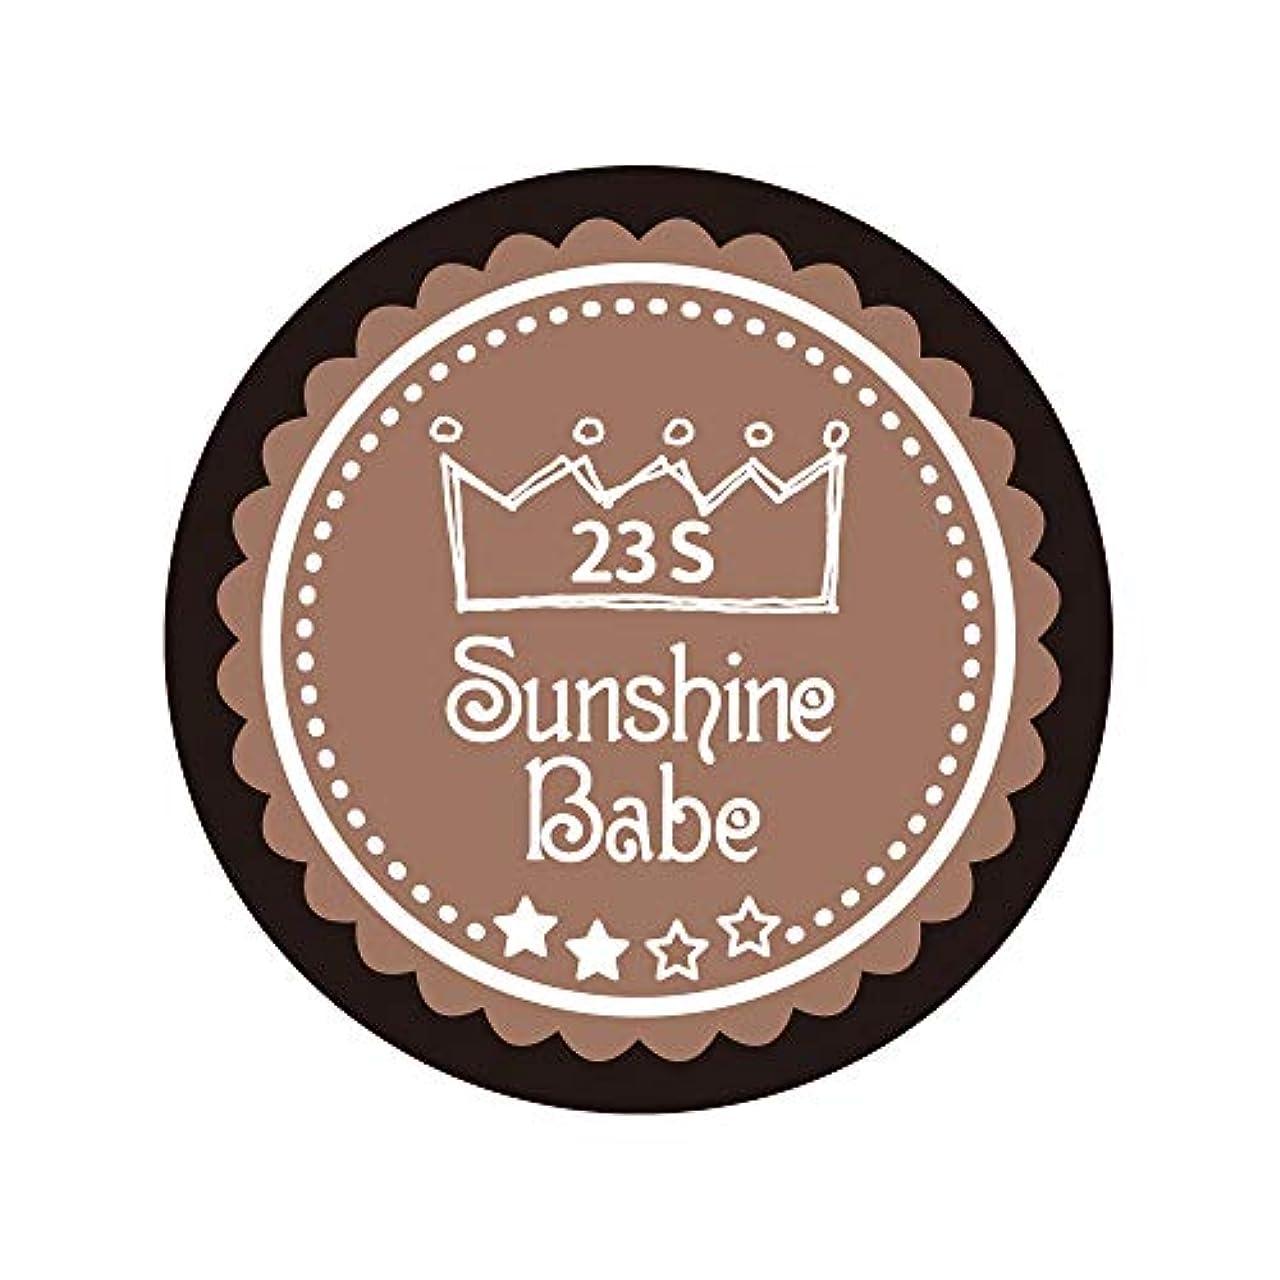 衣服落ちたストライプSunshine Babe カラージェル 23S パティキュリエール 2.7g UV/LED対応